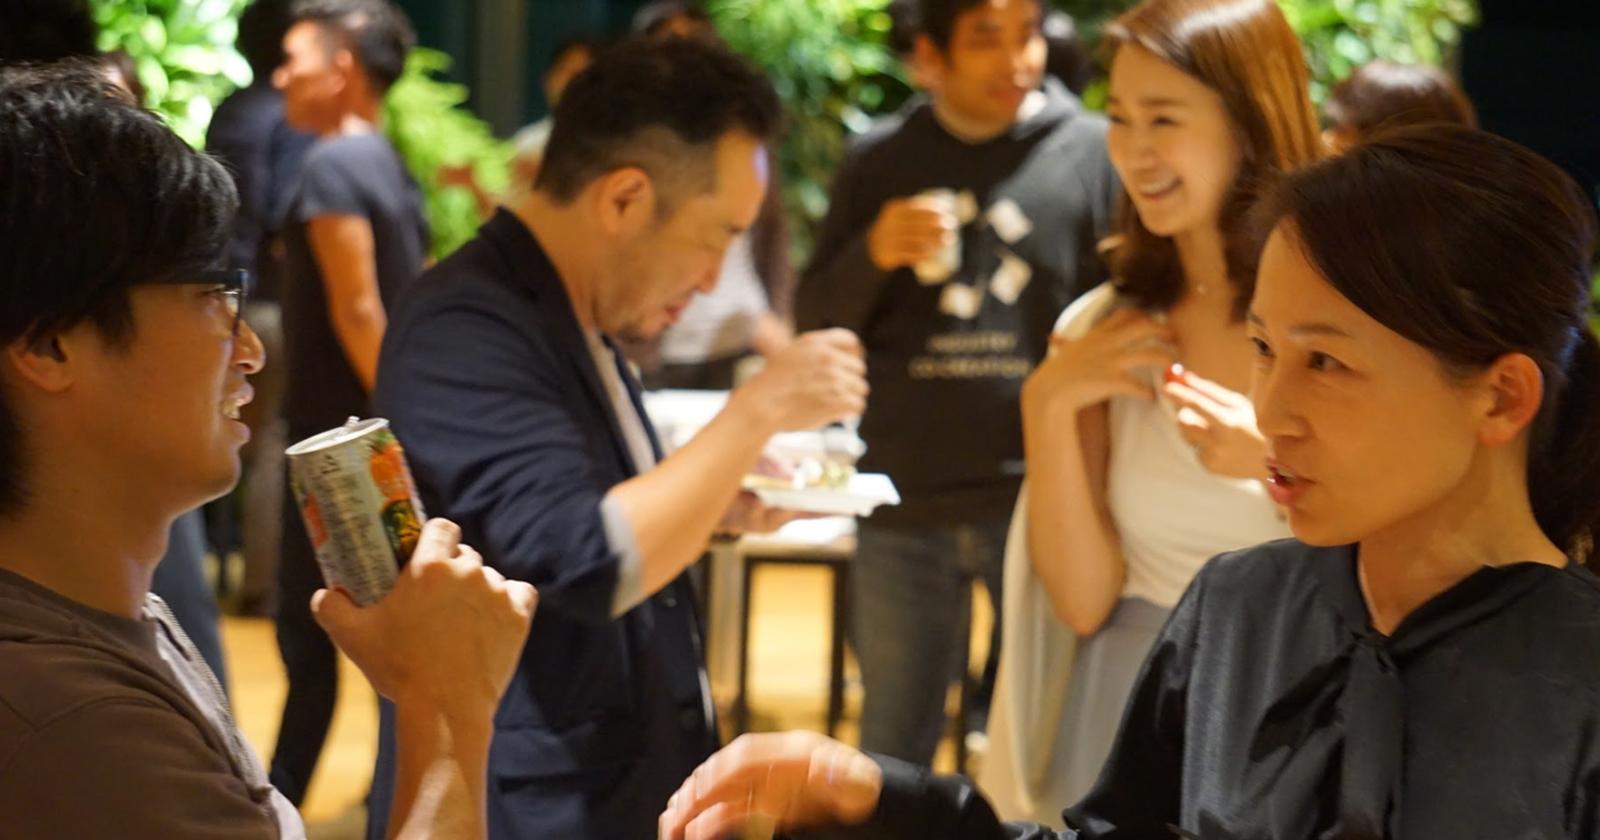 【イベント開催】100名を超えるスタートアップCxO/経営陣/投資家が集結!!